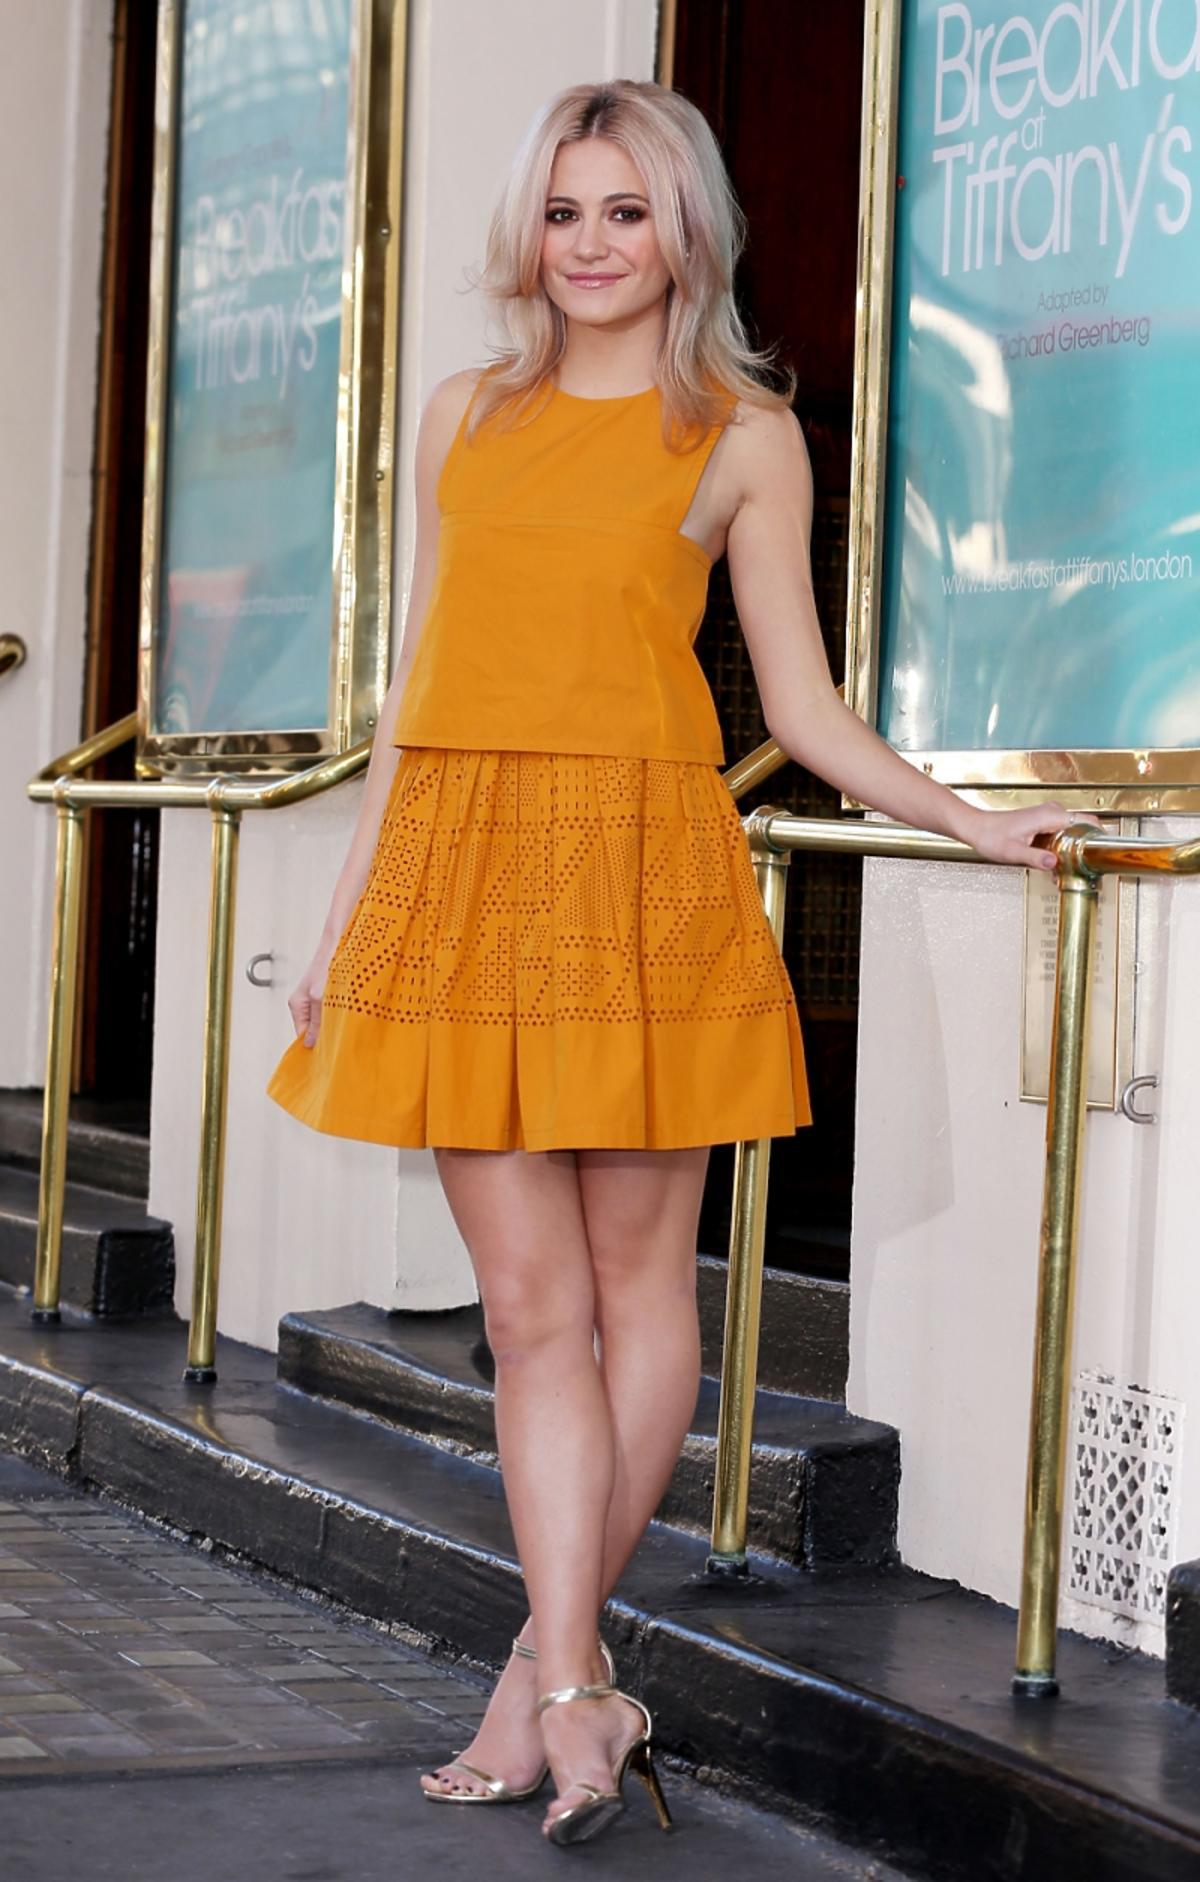 Pixie Lott w żółtej sukience przed budynkiem teatru